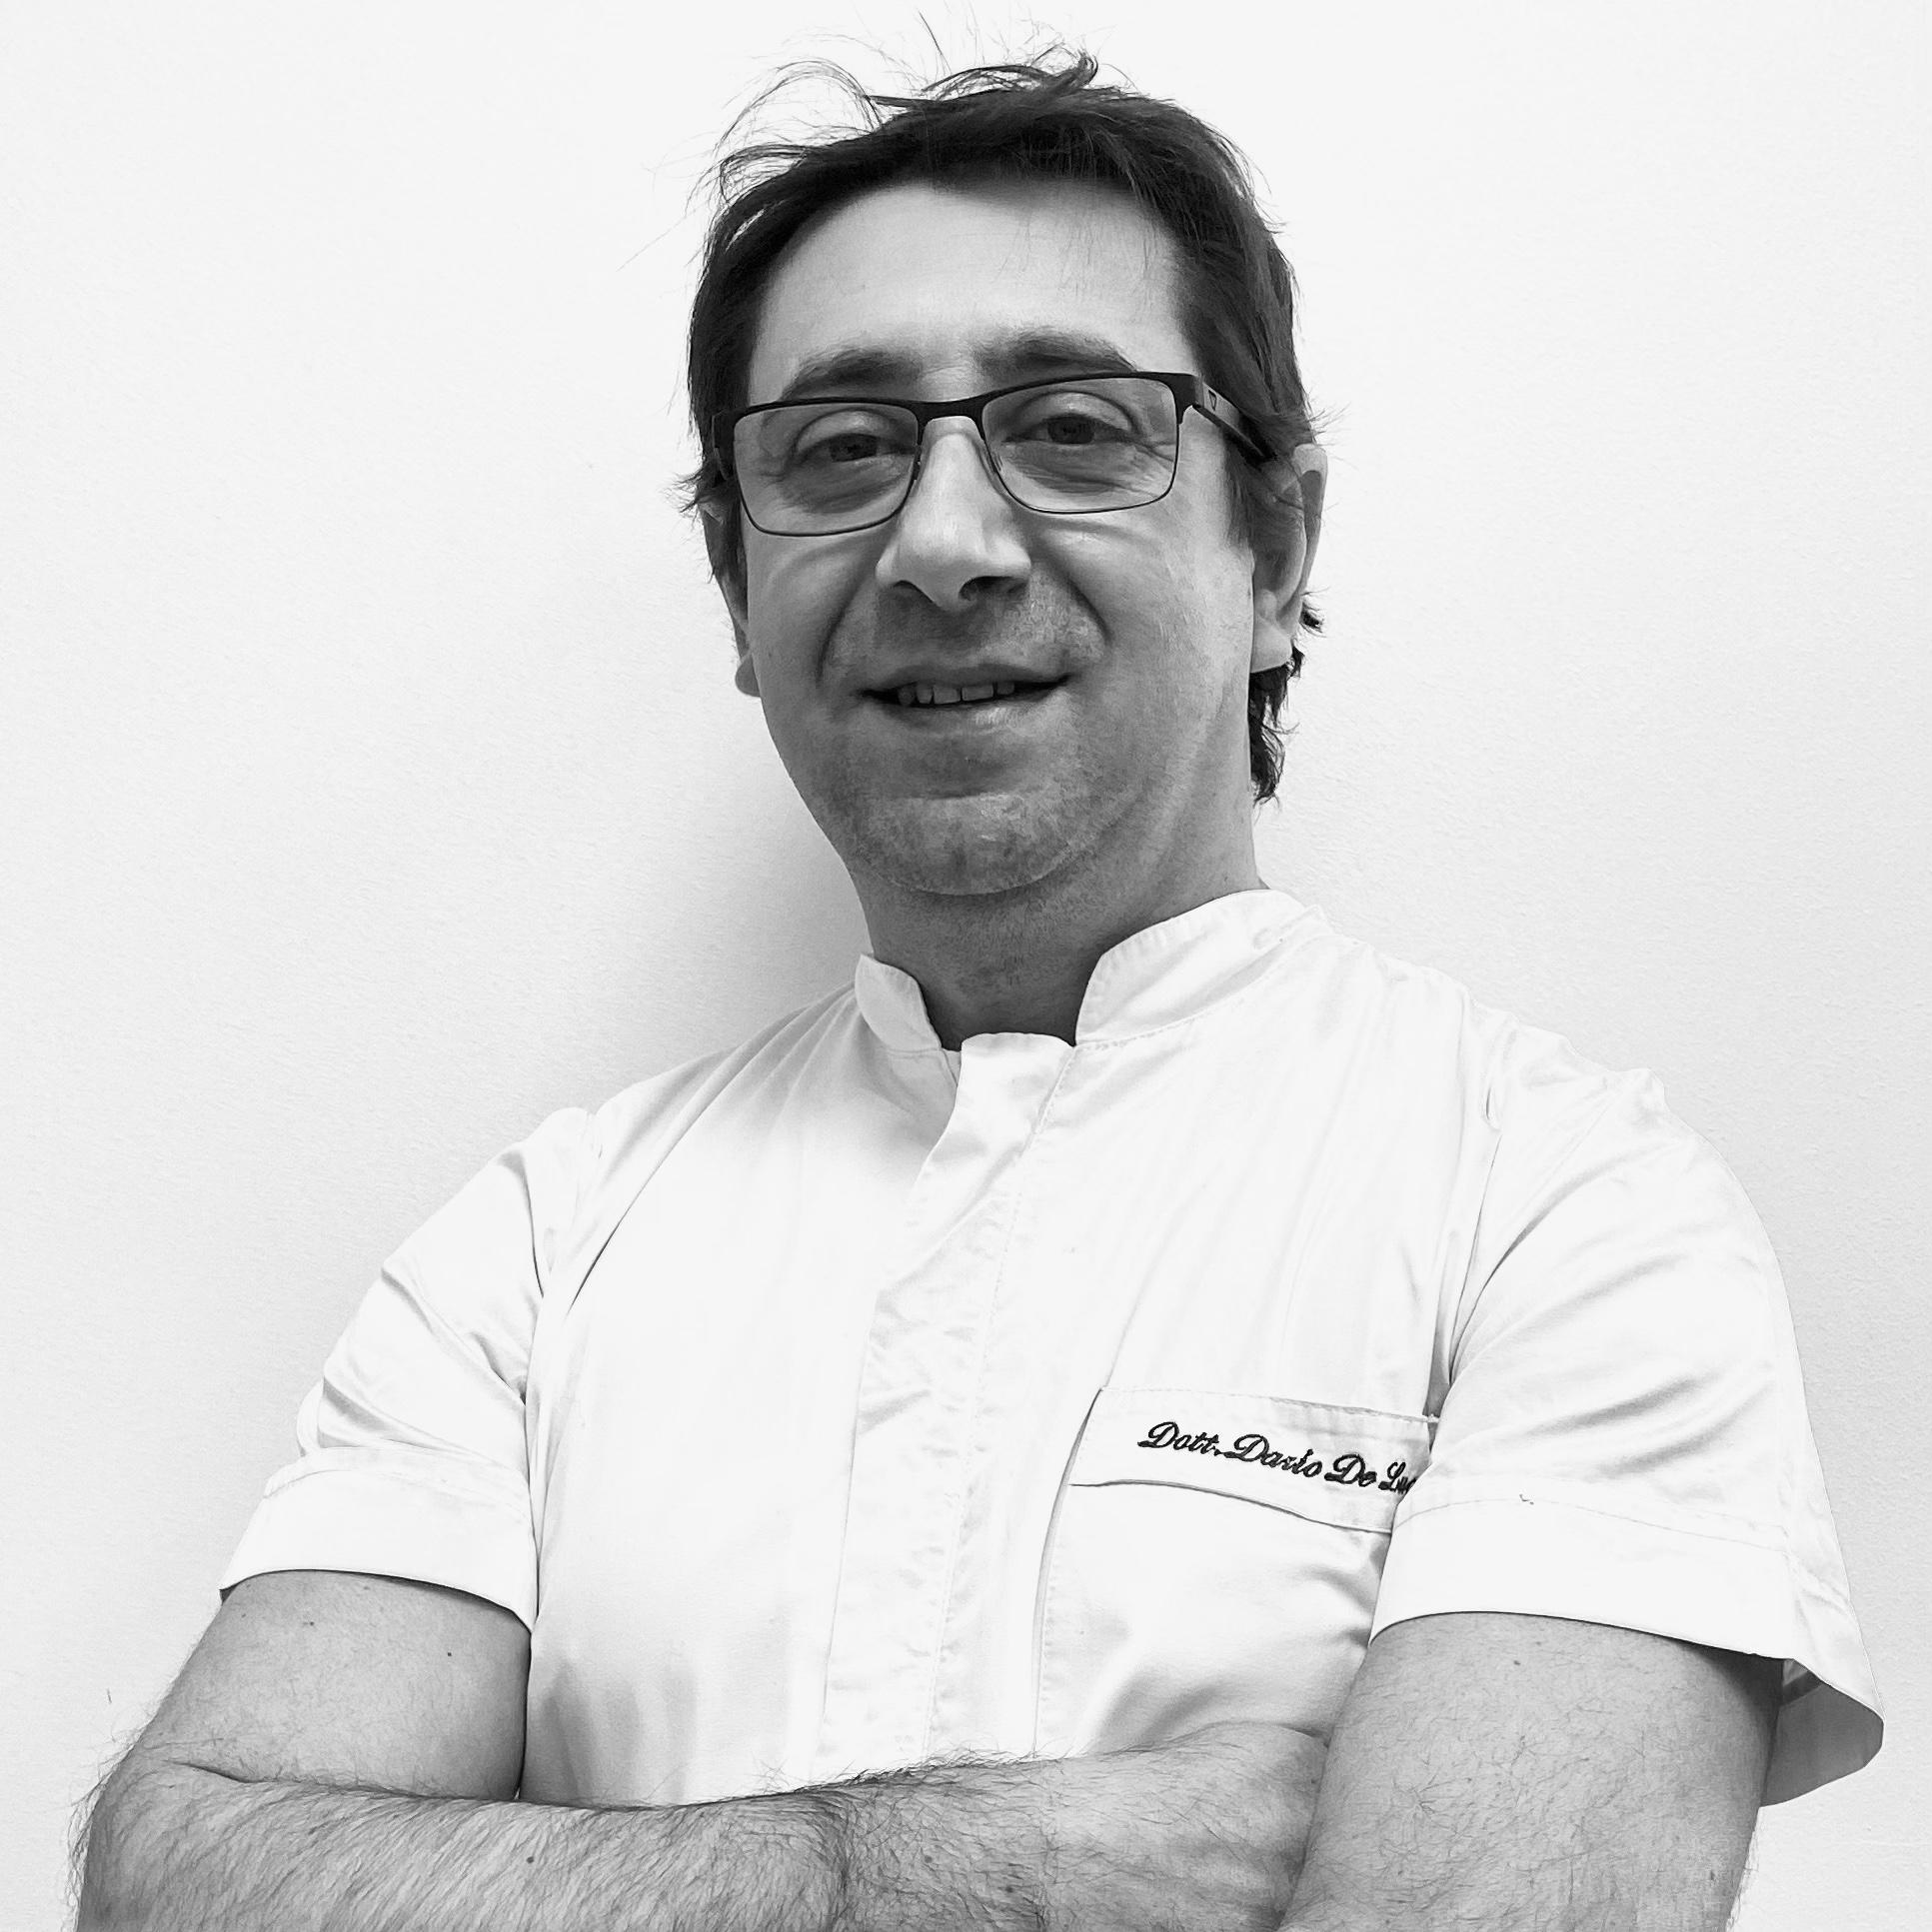 Dario De Luca